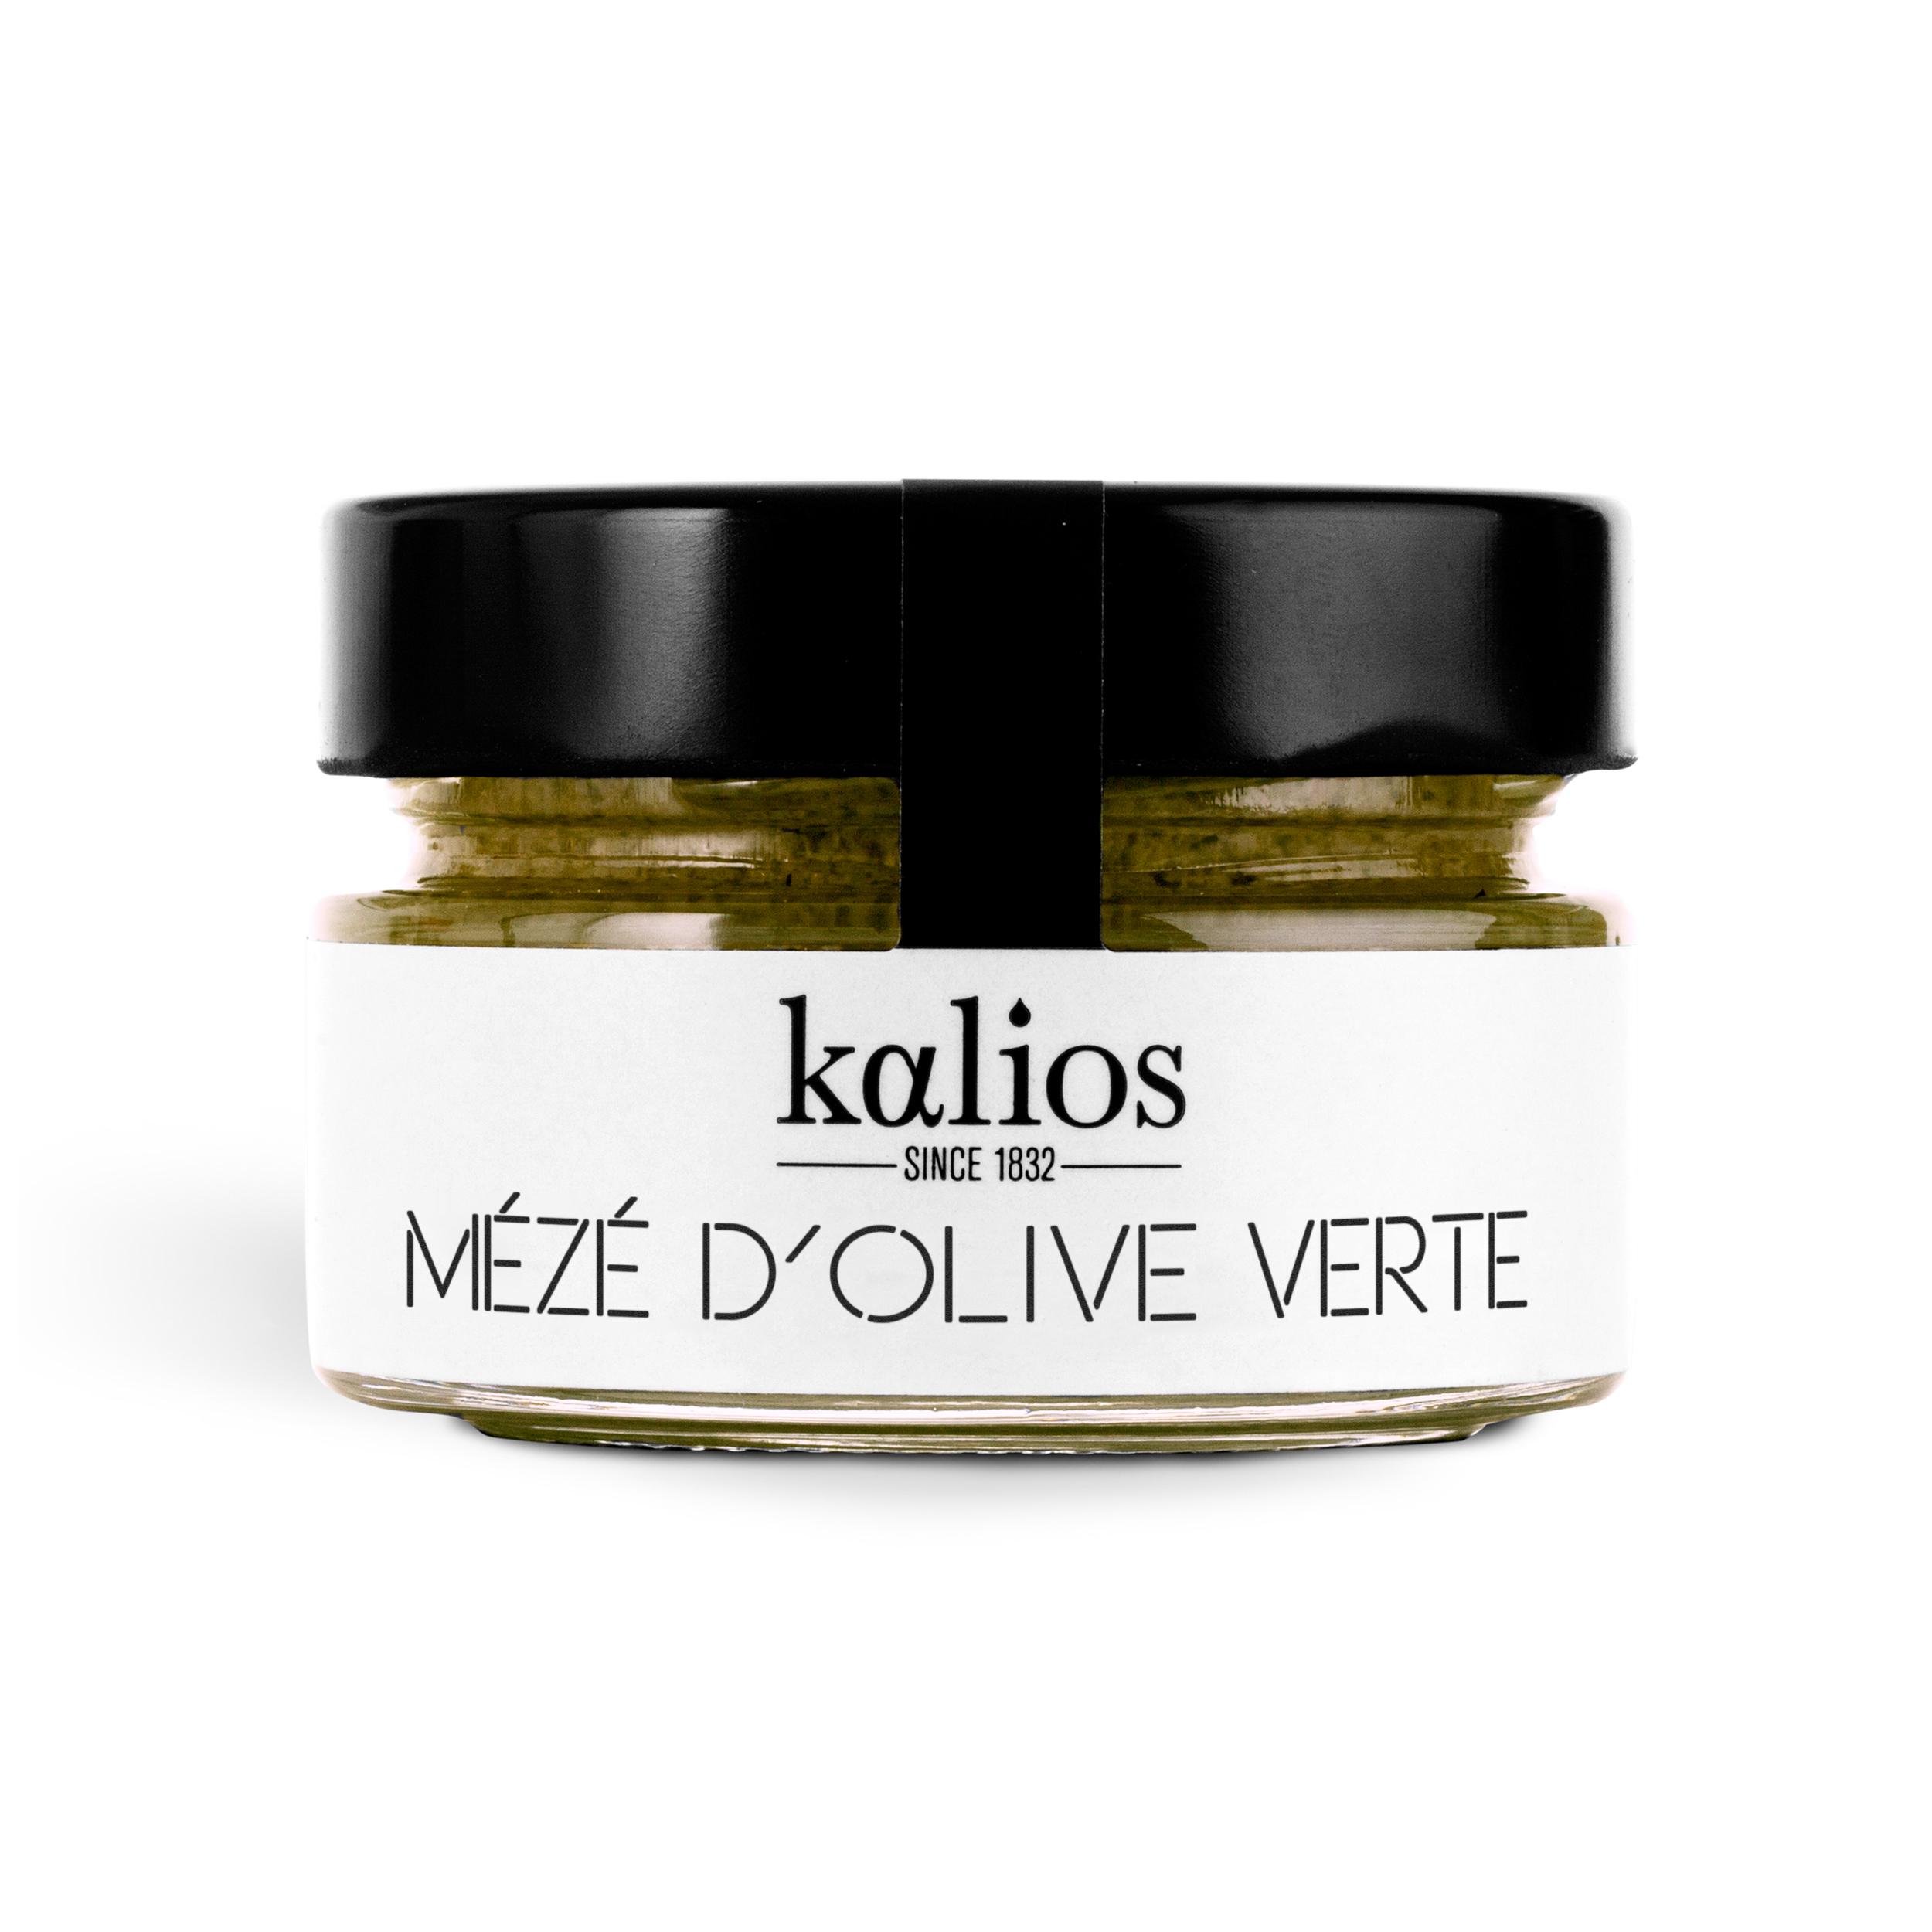 Mézé/crème d'olives vertes, Kalios (90 g)